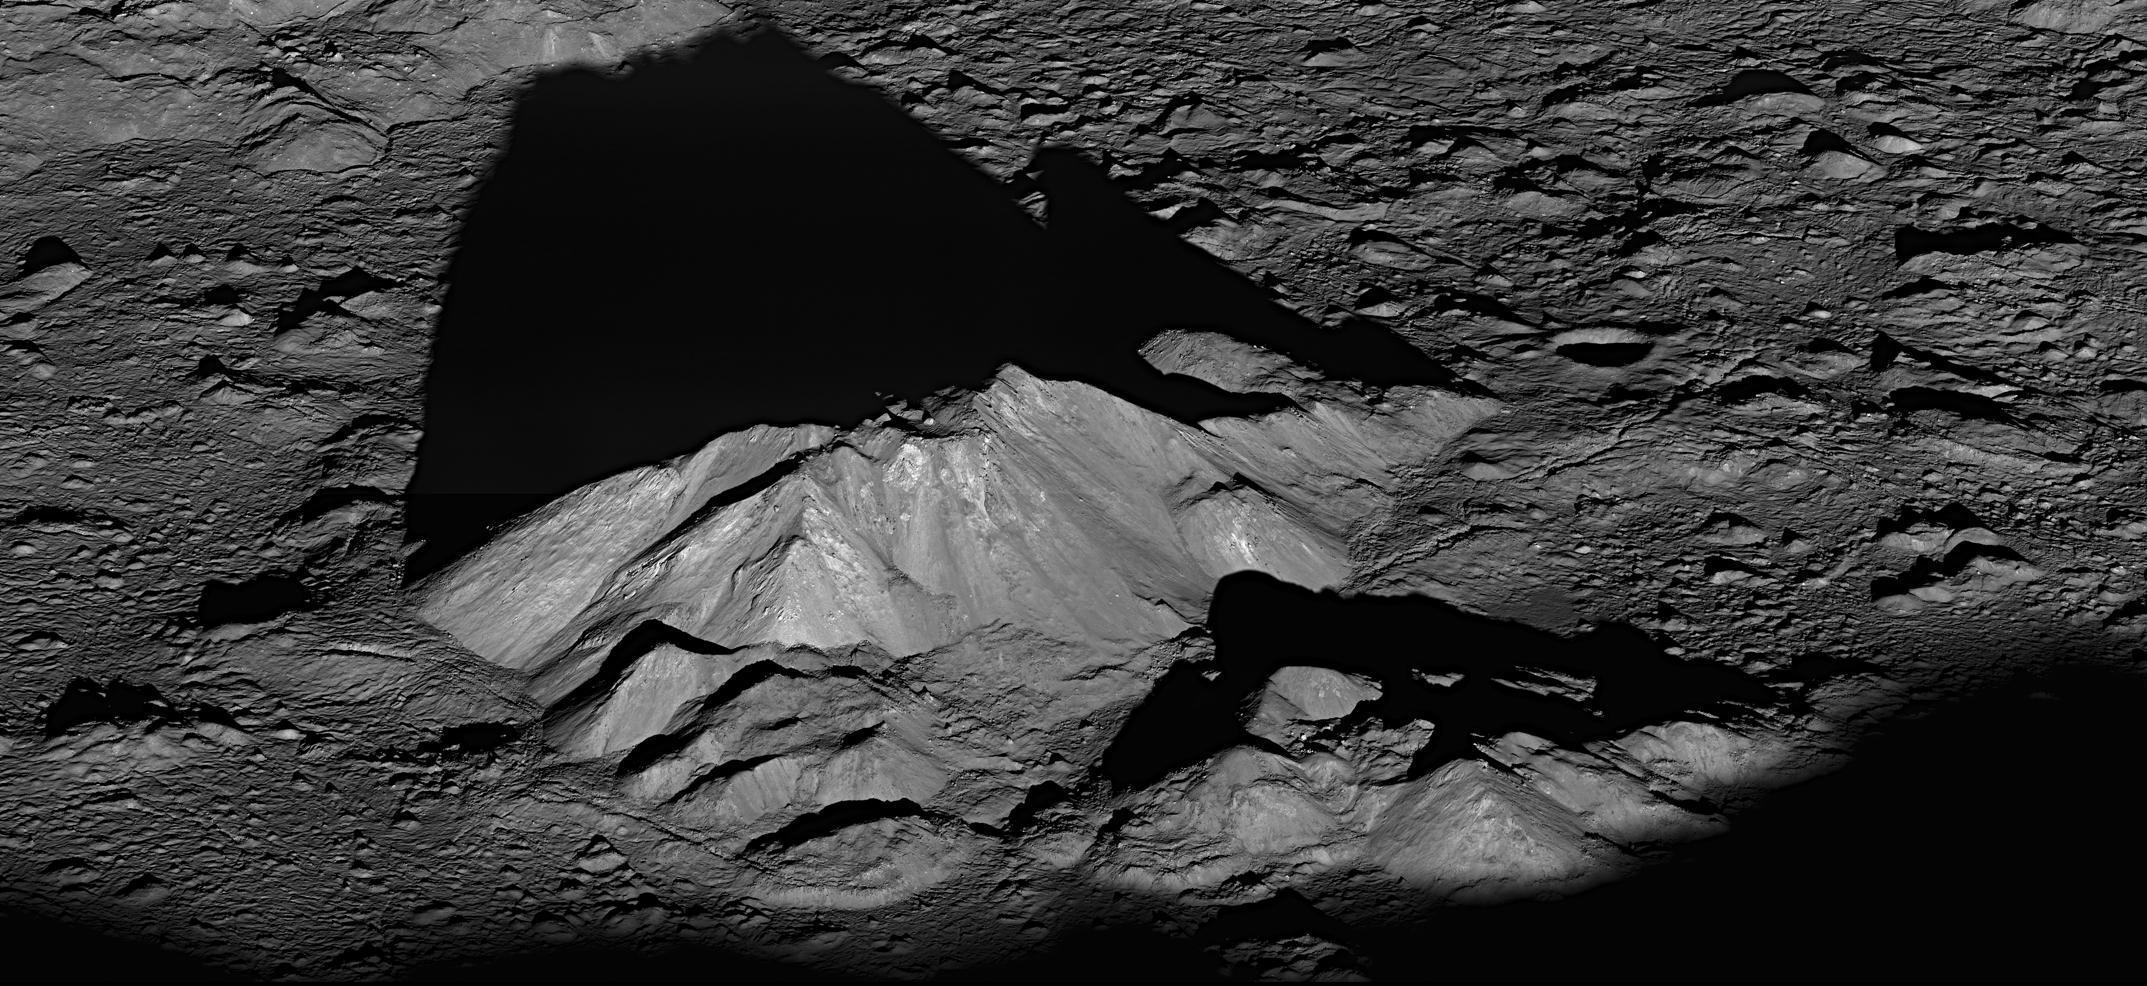 Sunrise on the Moon  NASA